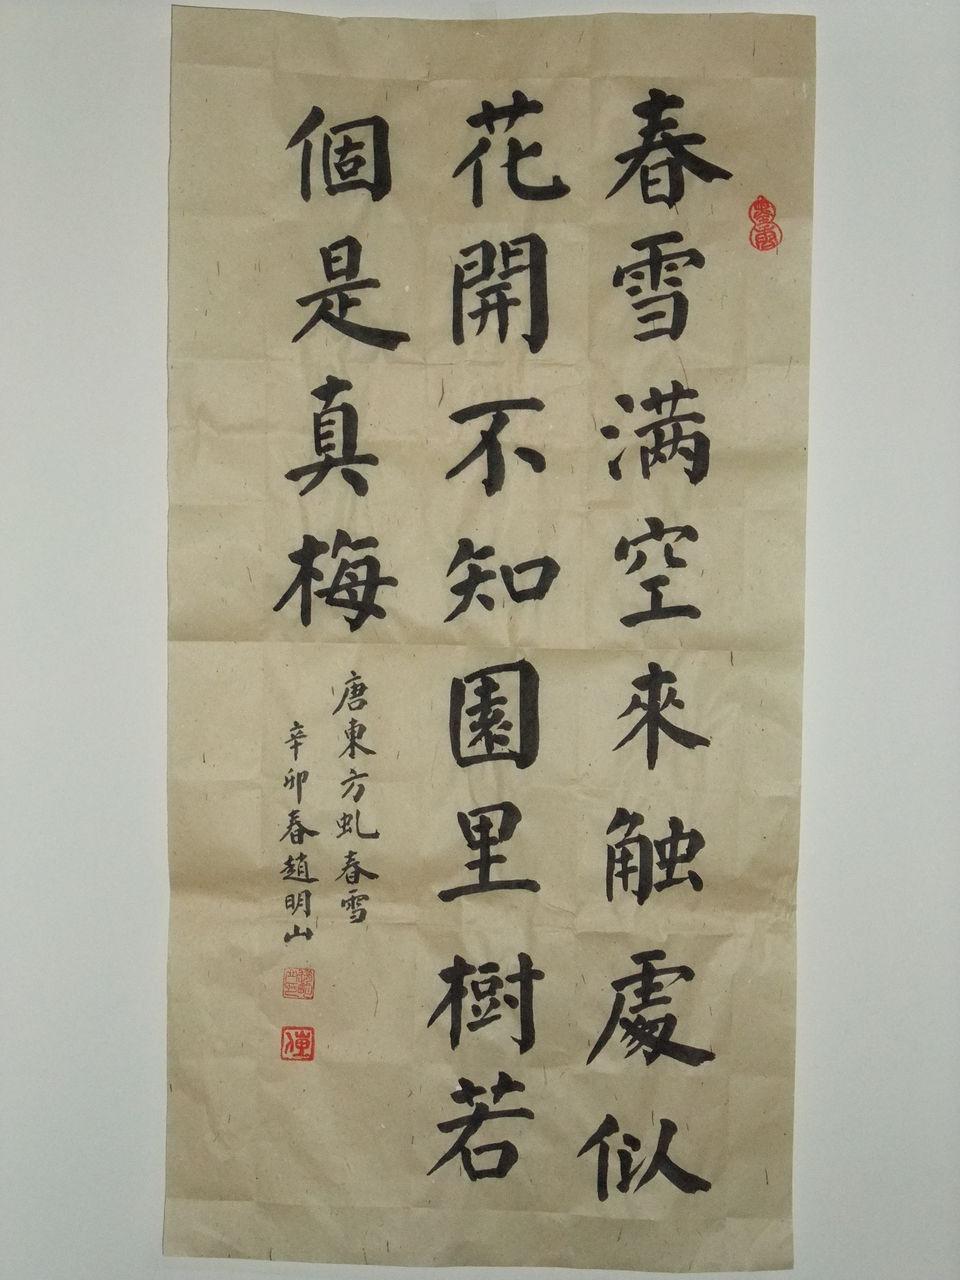 颜体集字古诗书法作品图片展示图片